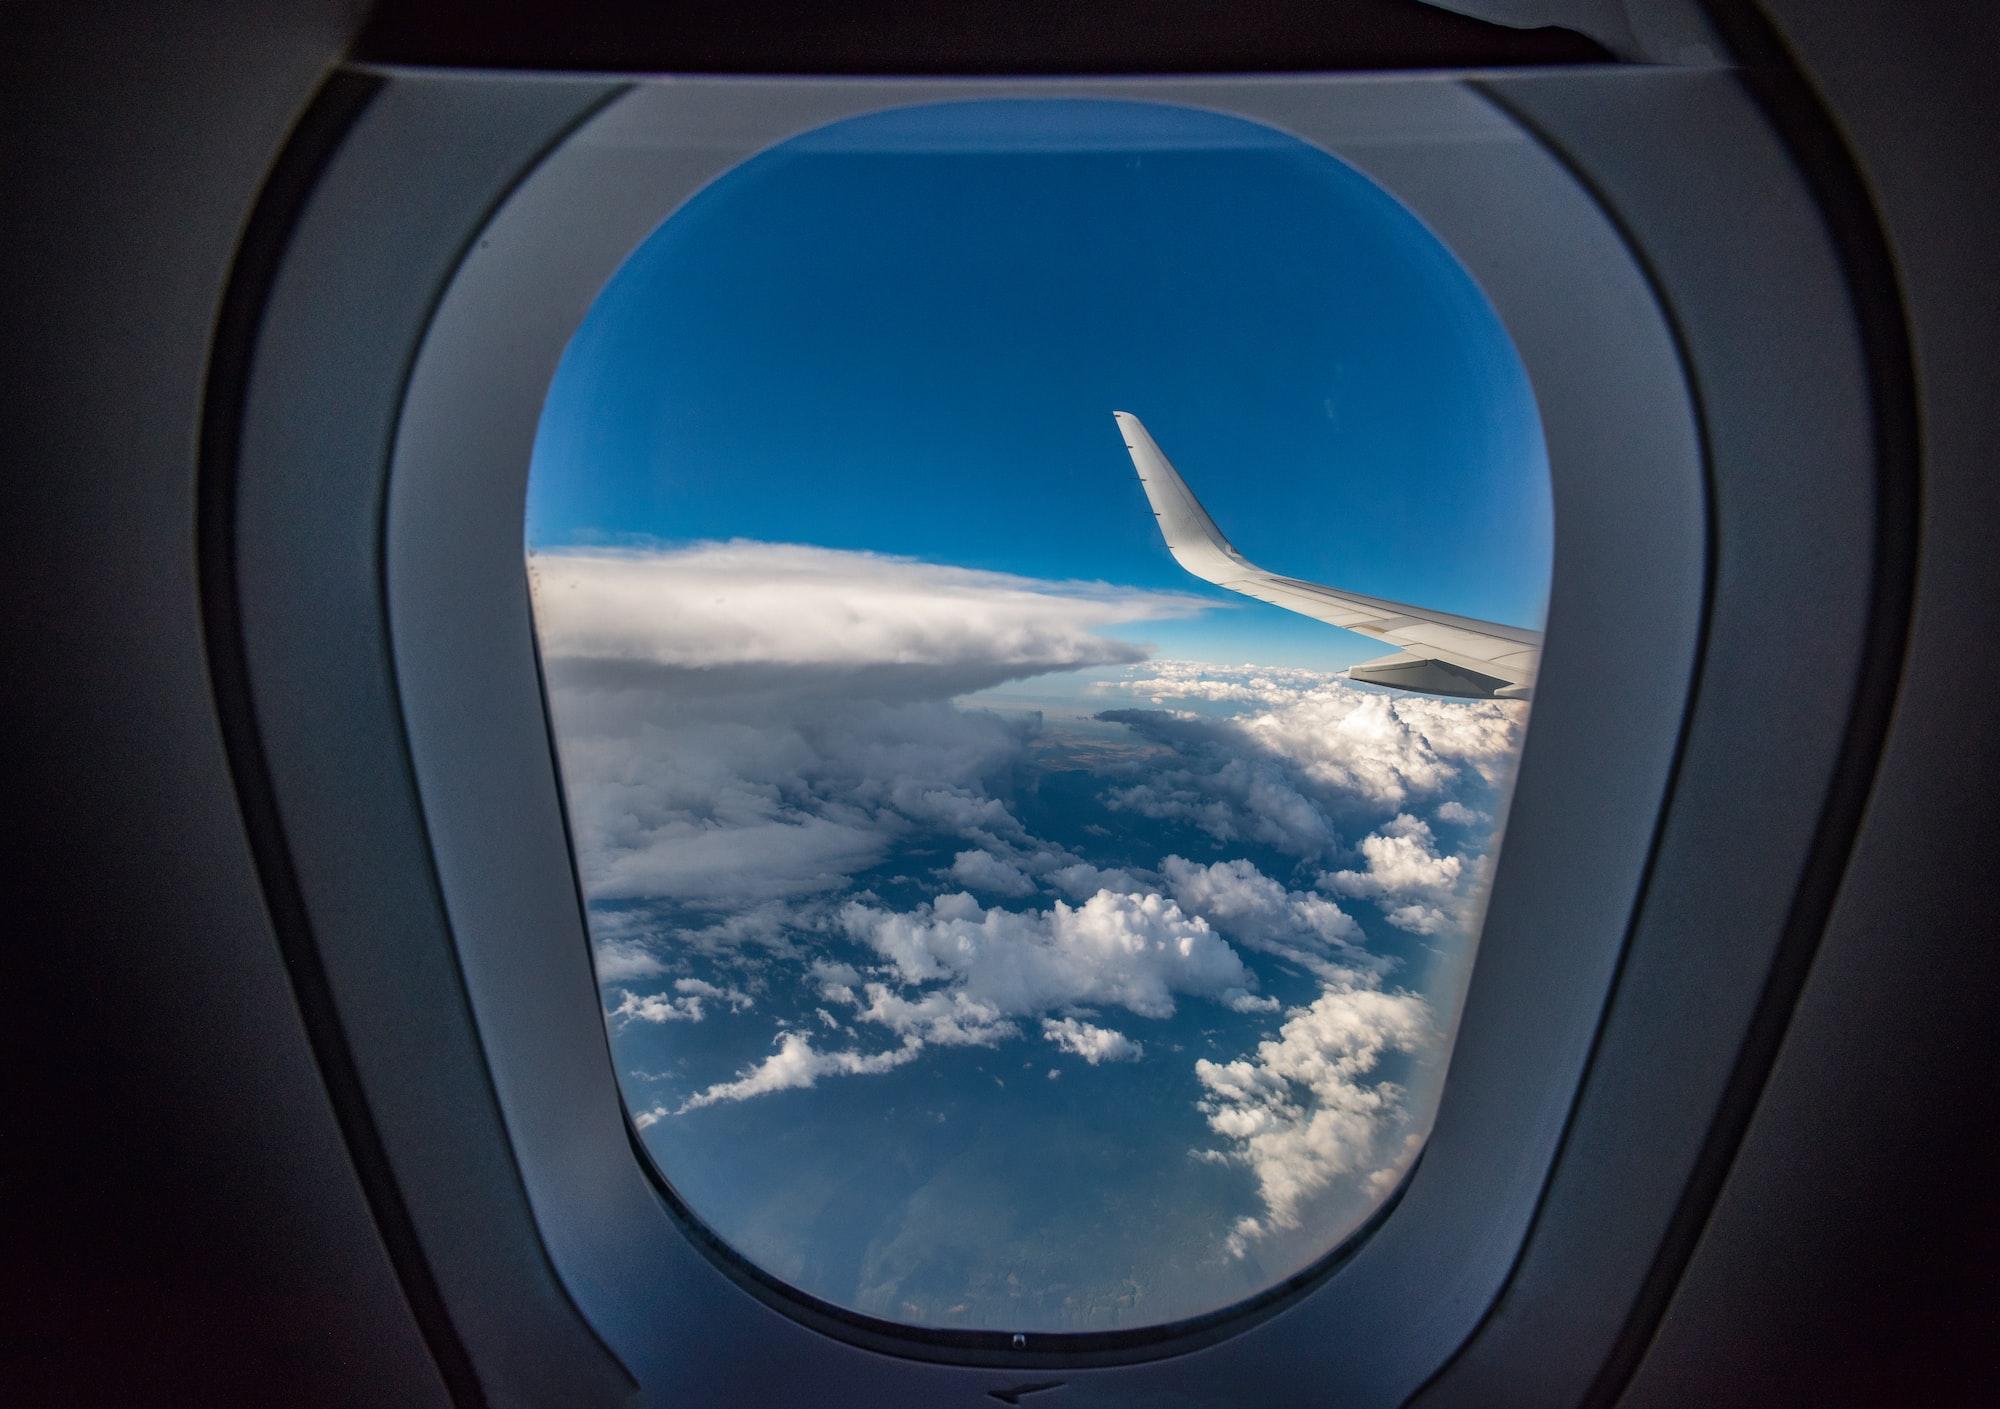 ¿Por qué se le Pide a los Pasajeros Abrir las Persianas del Avión Para el Despegue y Aterrizaje?